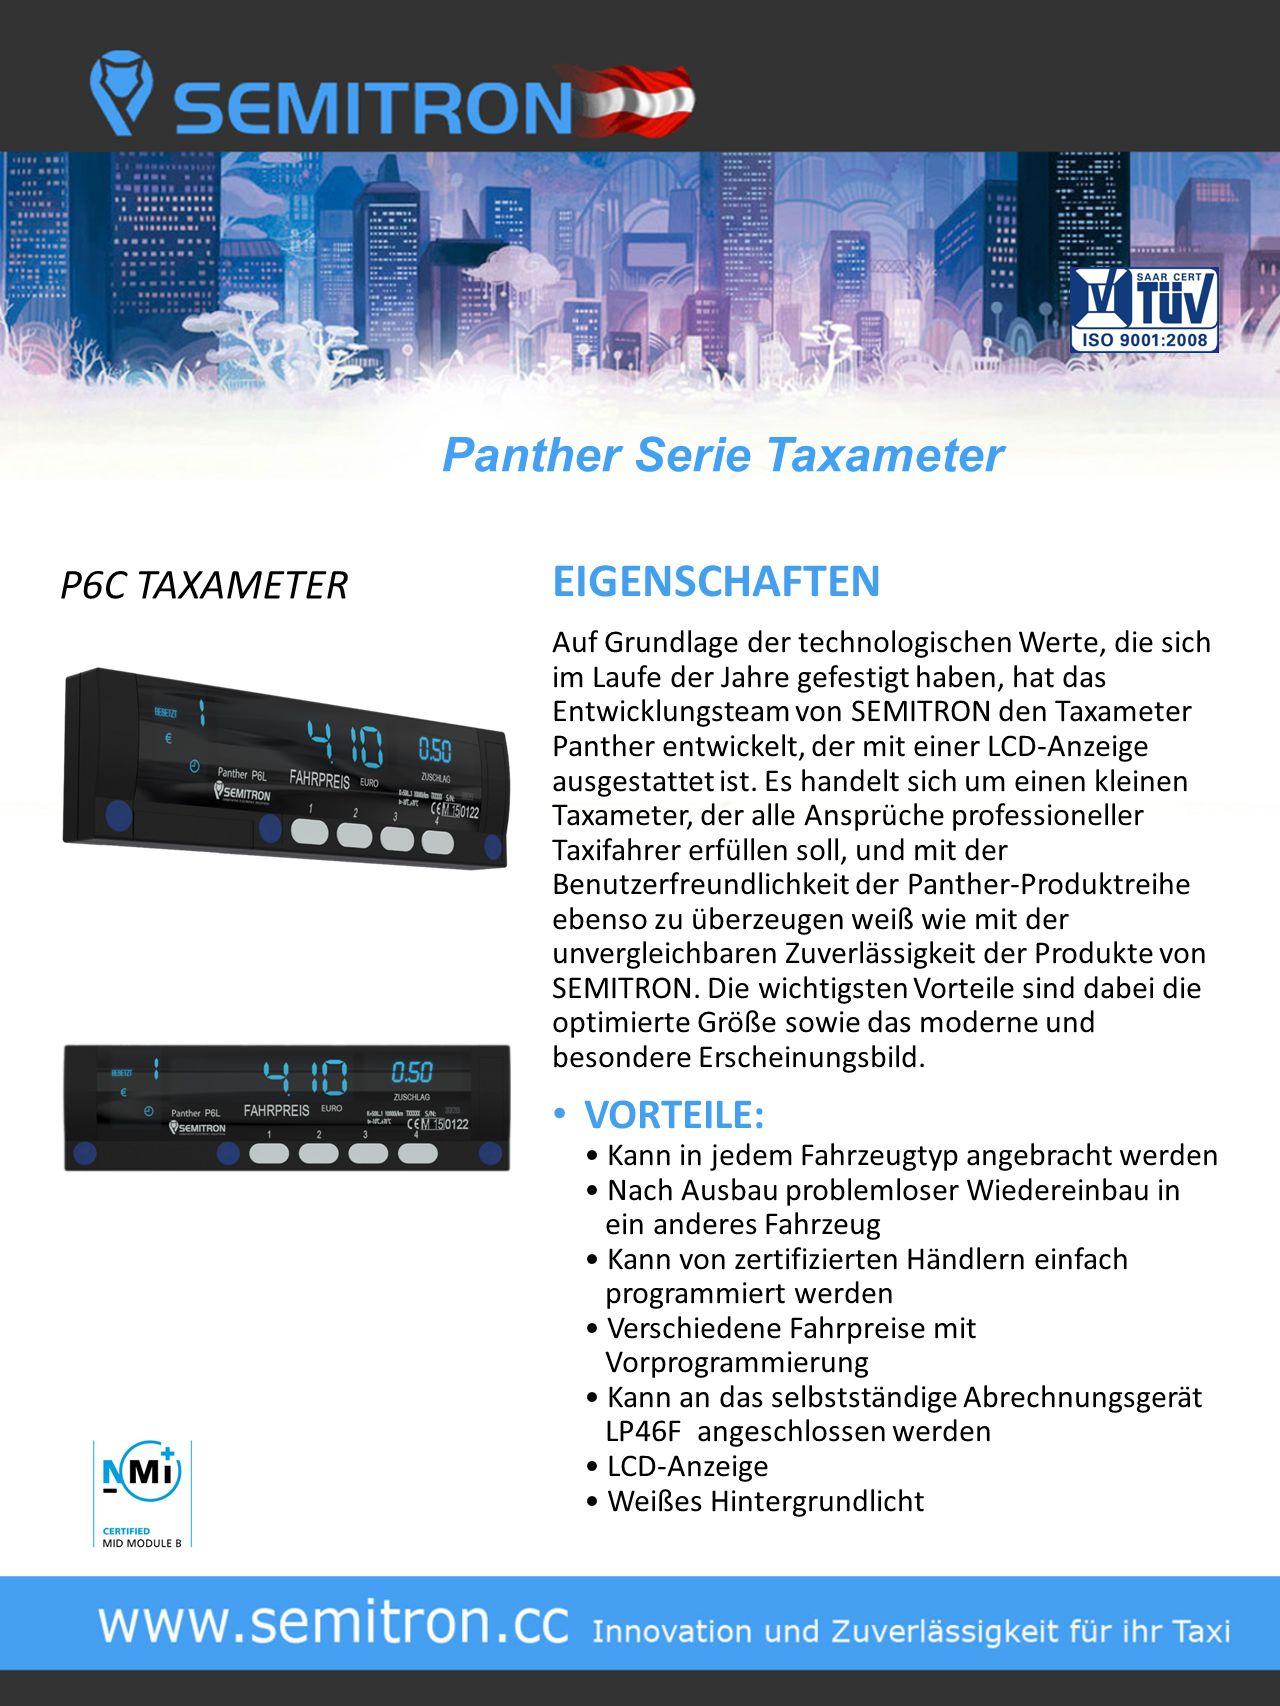 Panther Serie Taxameter P6C TAXAMETER EIGENSCHAFTEN Auf Grundlage der technologischen Werte, die sich im Laufe der Jahre gefestigt haben, hat das Entwicklungsteam von SEMITRON den Taxameter Panther entwickelt, der mit einer LCD-Anzeige ausgestattet ist.